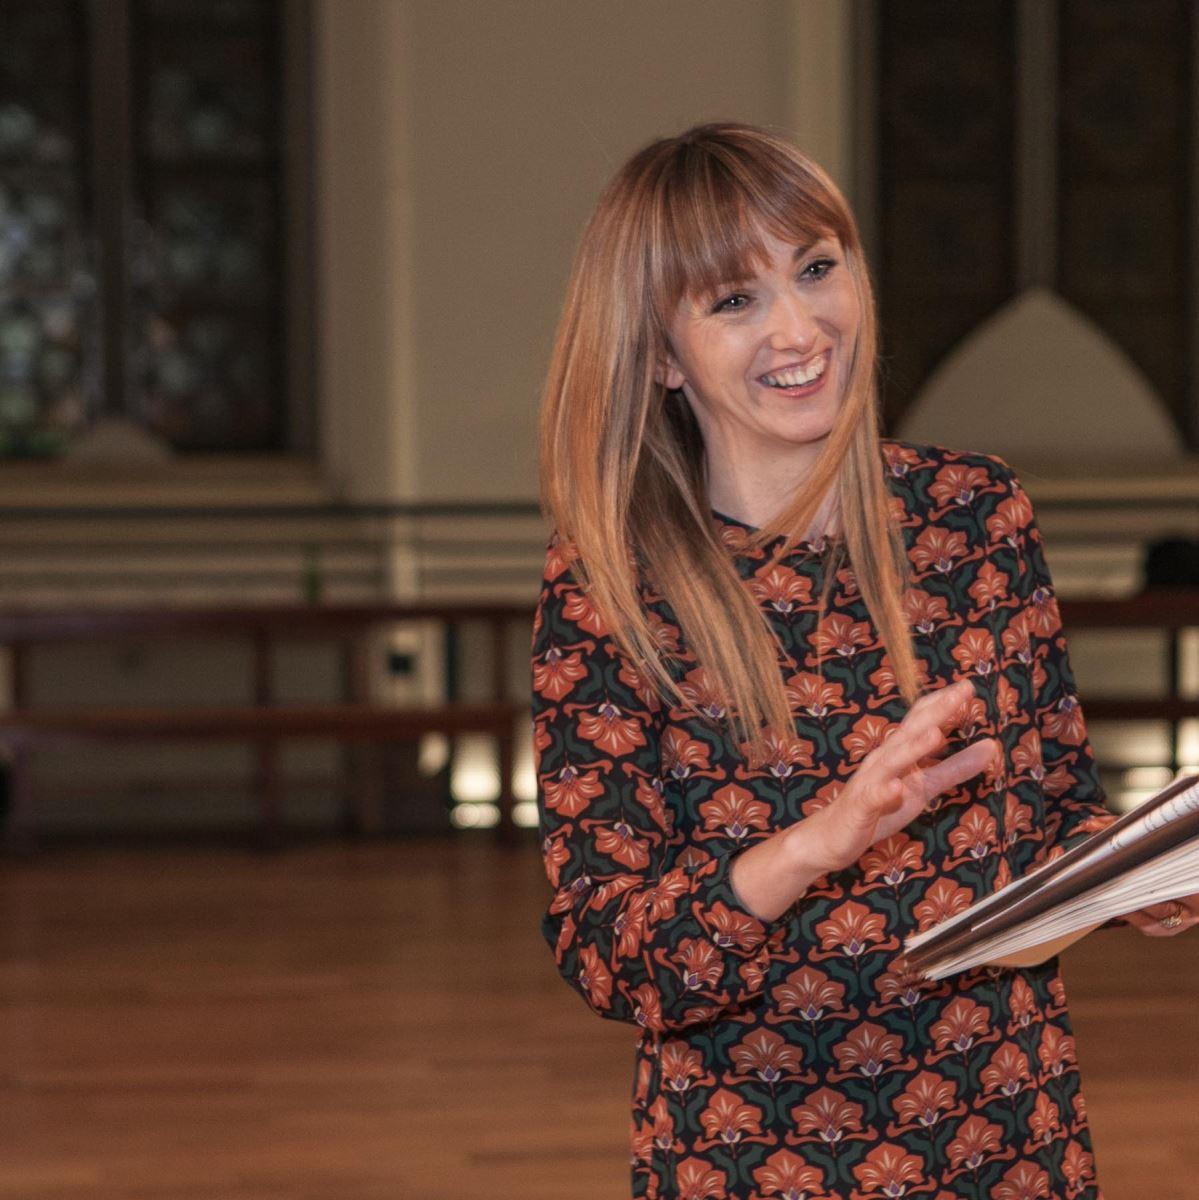 Carlow Designer Kim Selected for Prestigious Judging Panel